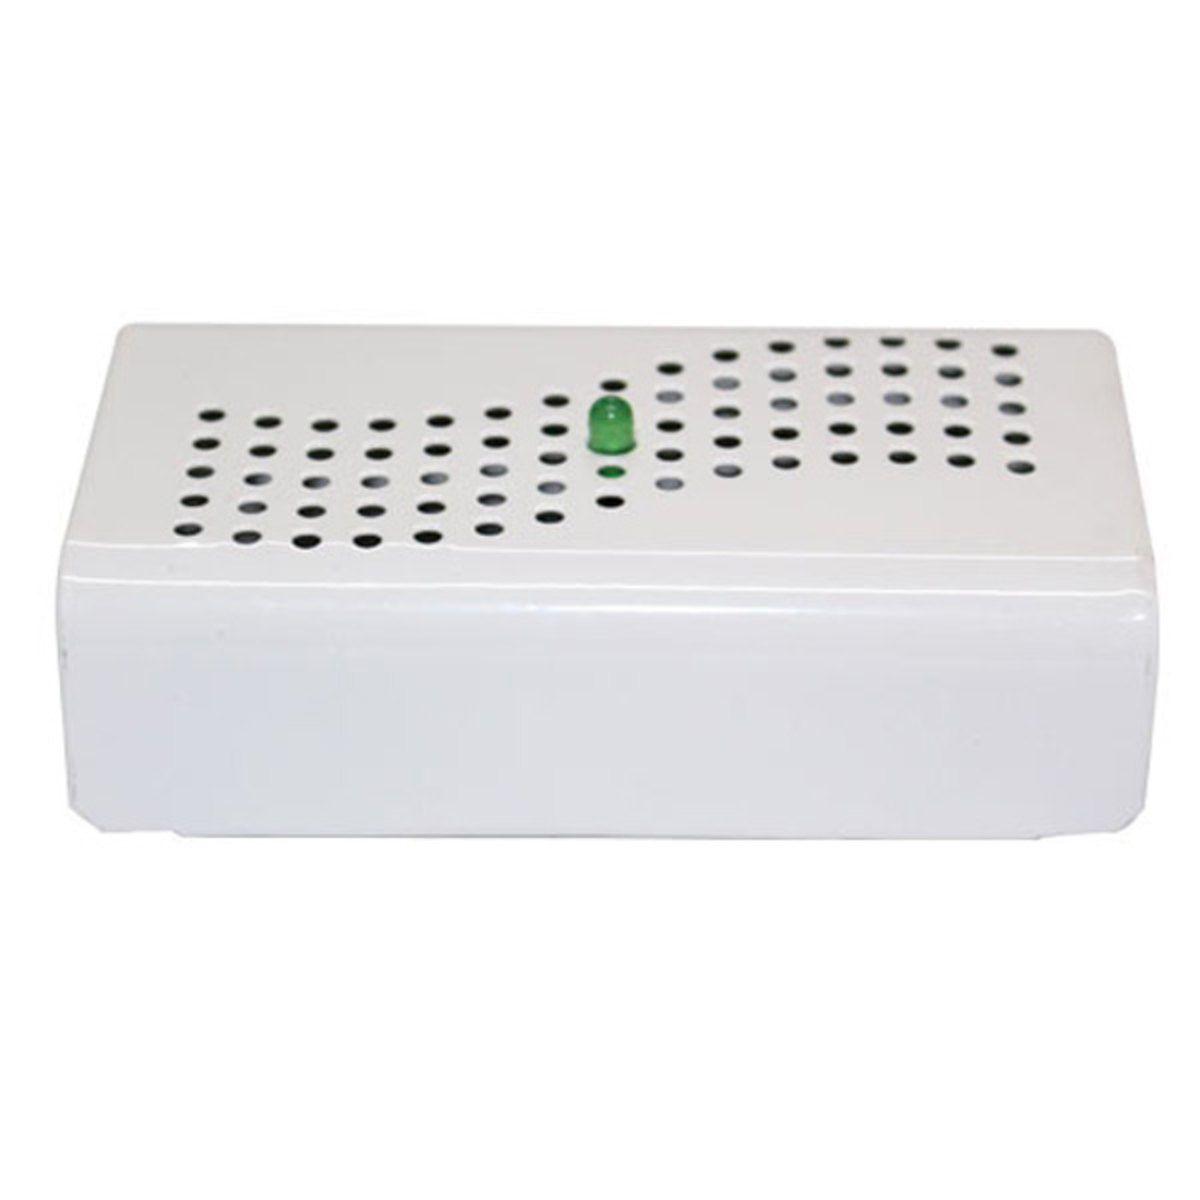 3 Desumidificador Antimofo Eletrônico Anti Ácaro E Fungos